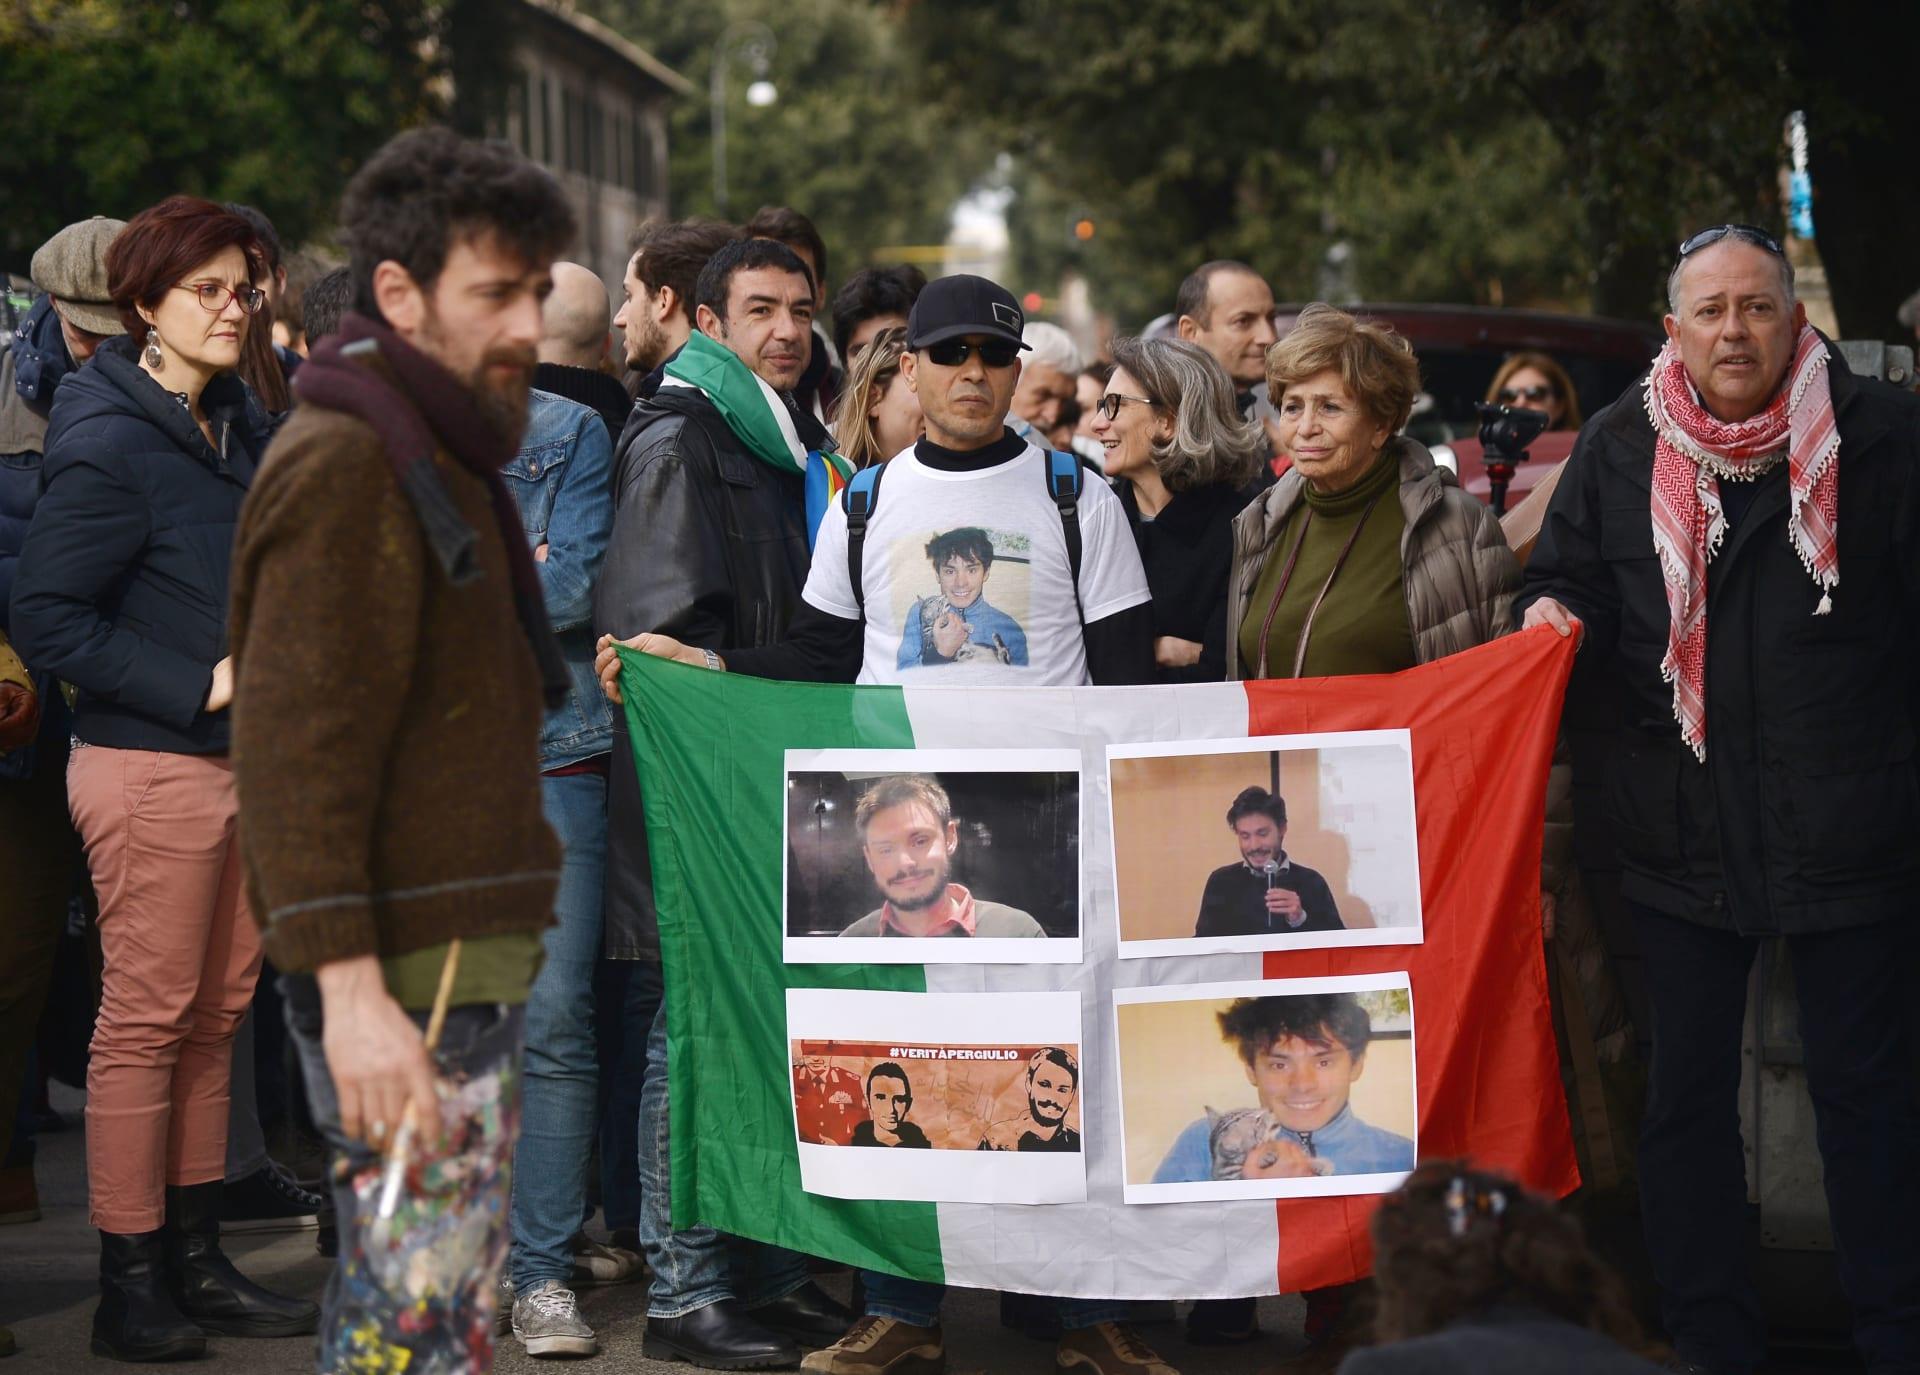 وسط أزمة ريجيني.. القاهرة تطالب روما بالتحقيق في وفاة مصري داخل سجن إيطالي